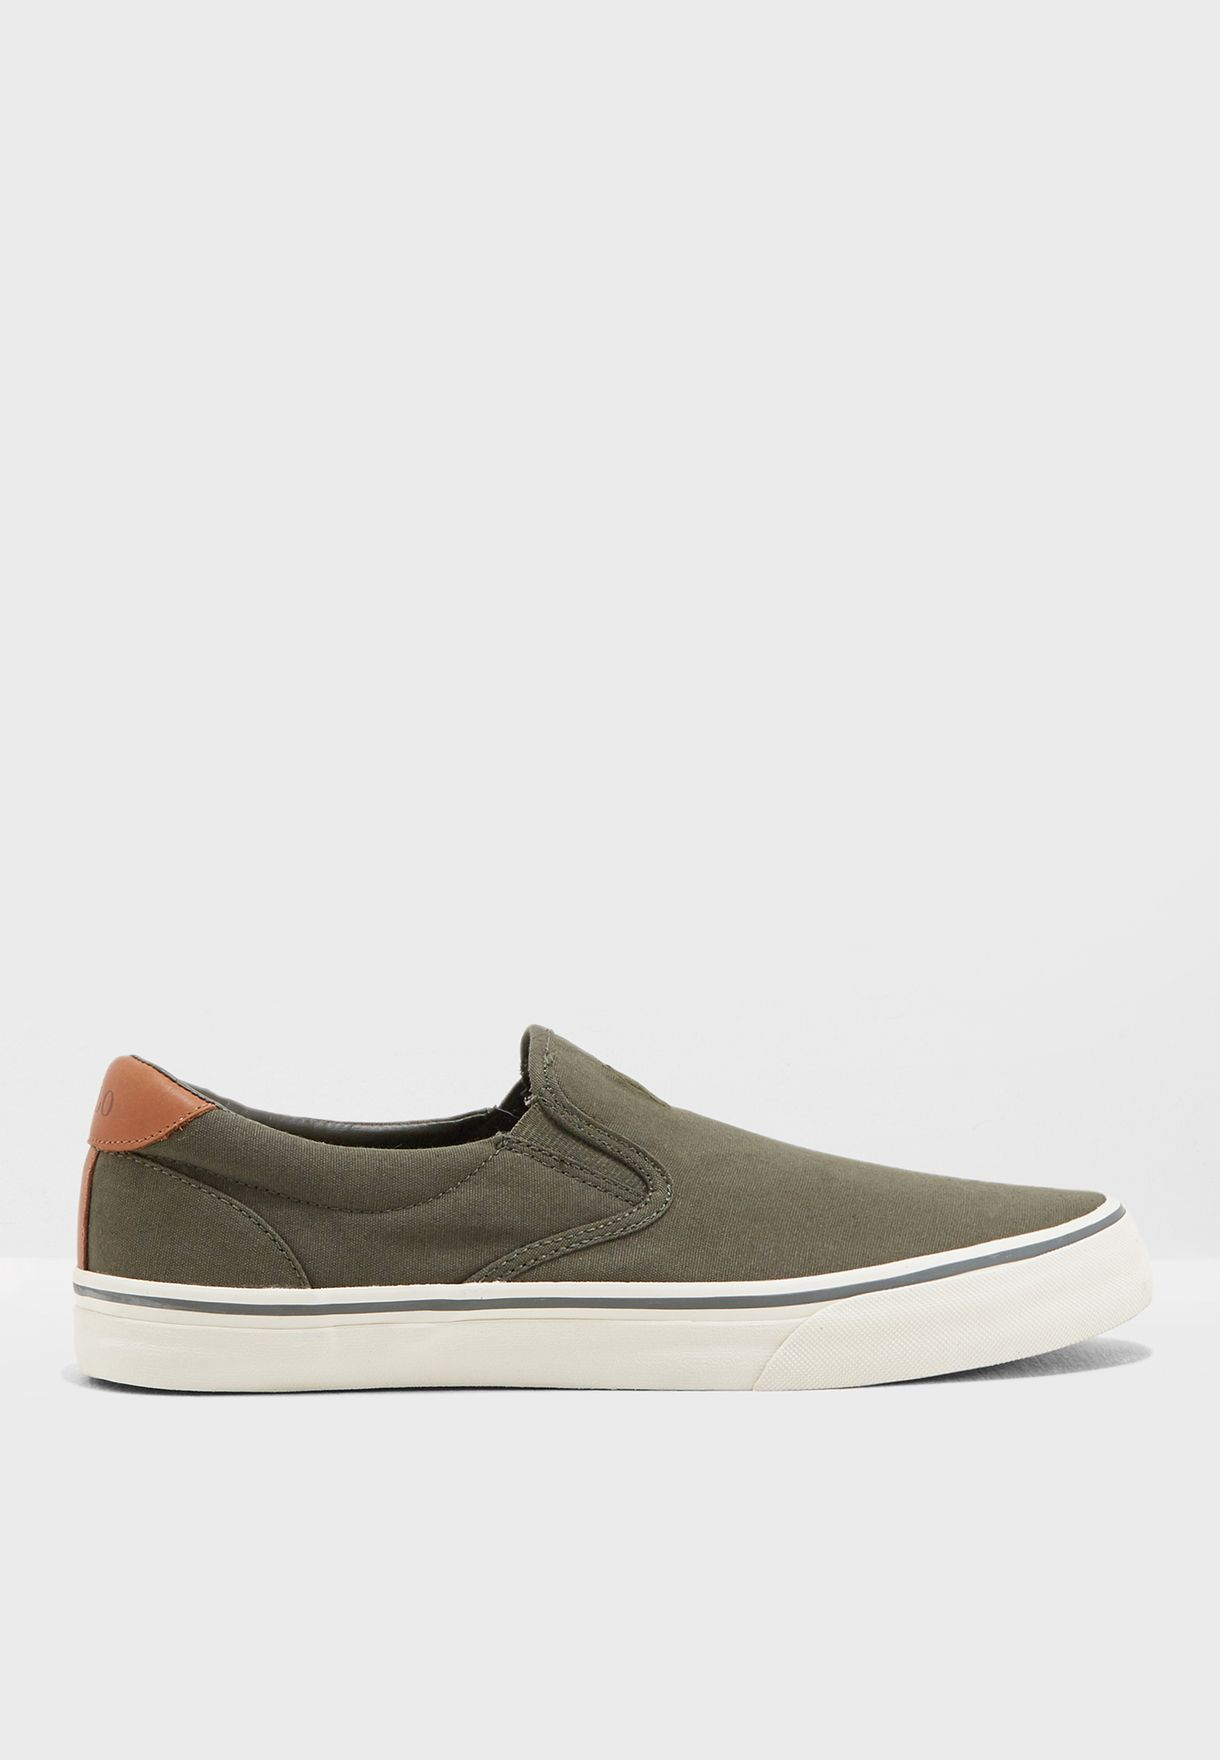 حذاء ثورتون سهل الارتداء